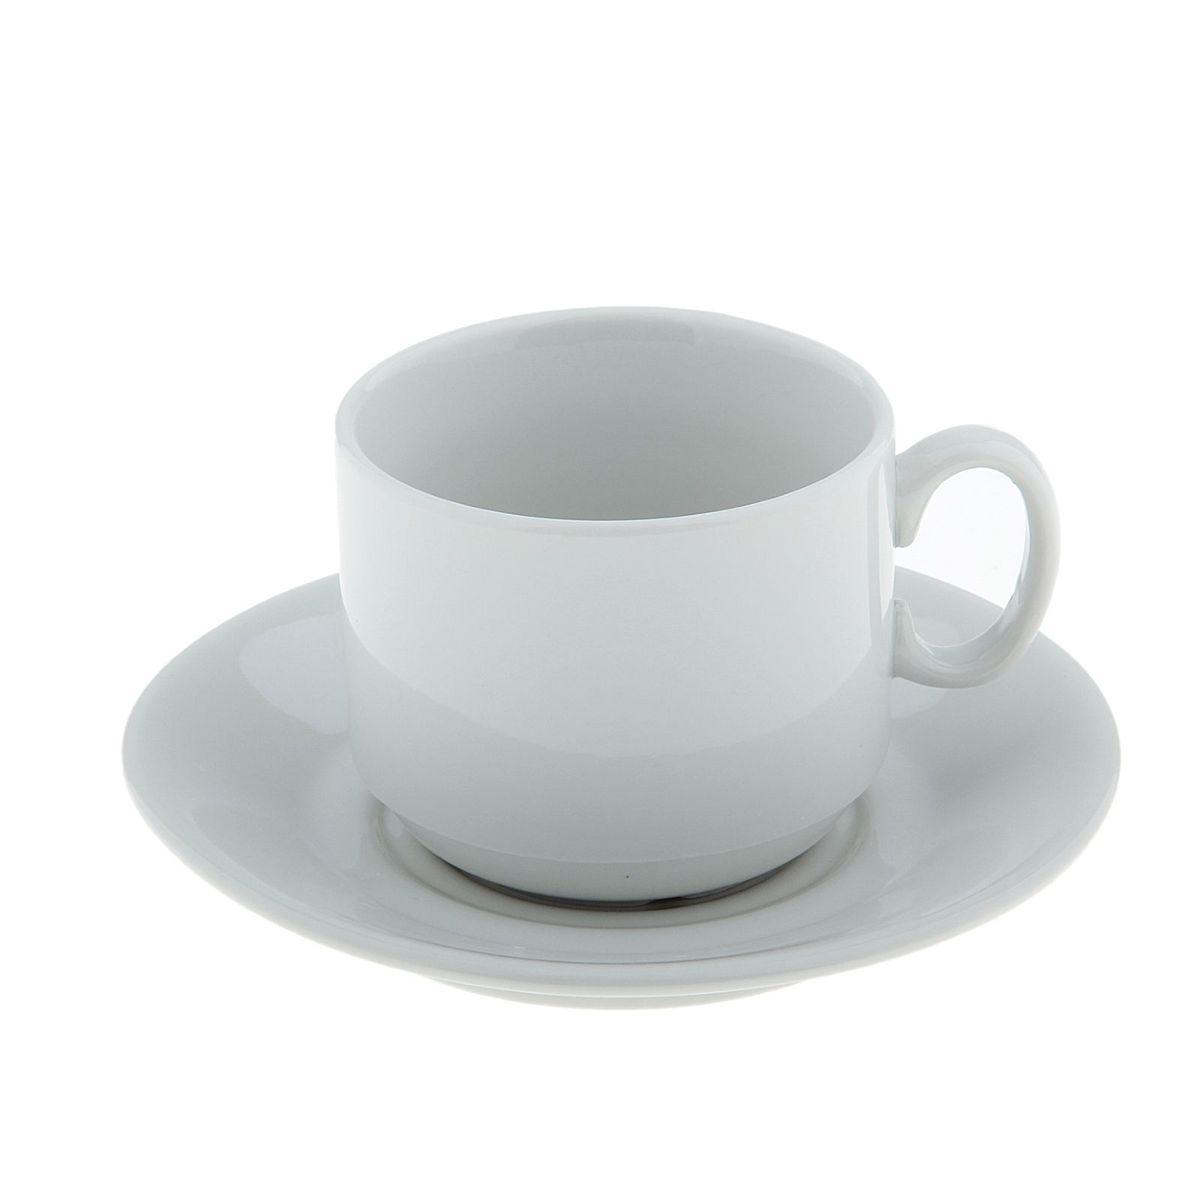 Чайная пара Экспресс. Белье, 2 предмета507828Чайная пара Экспресс. Белье состоит из чашки и блюдца, изготовленных из высококачественного фарфора. Оригинальный дизайн, несомненно, придется вам по вкусу.Чайная пара Экспресс. Белье украсит ваш кухонный стол, а также станет замечательным подарком к любому празднику.Объем чашки: 220 мл.